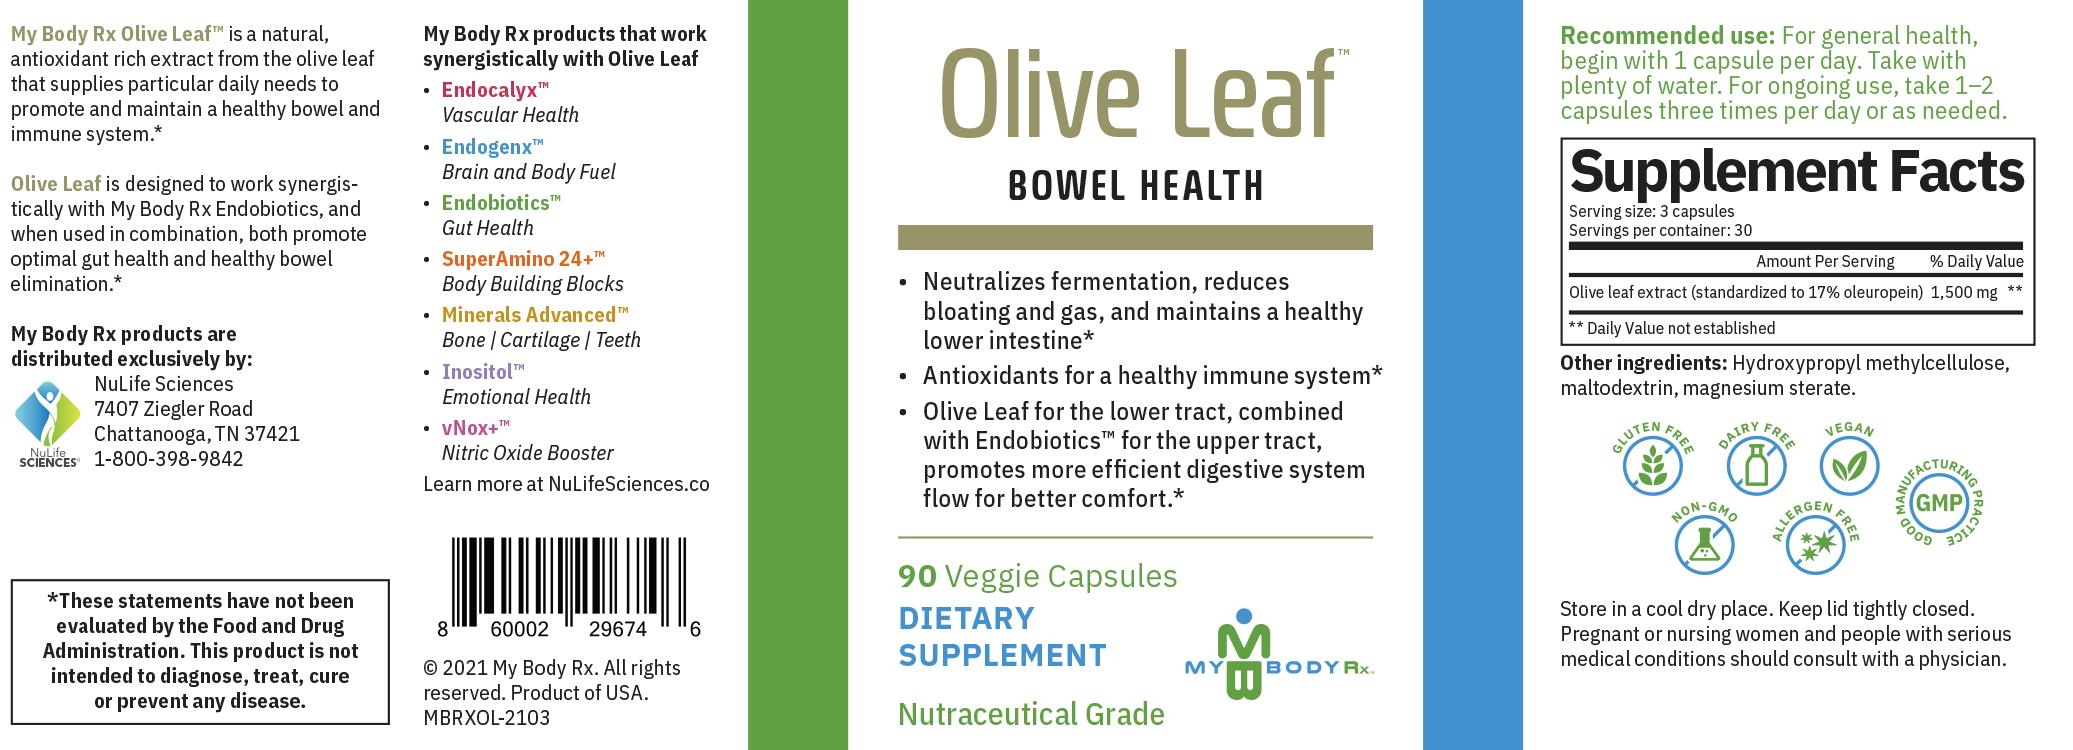 OliveLeaf-label